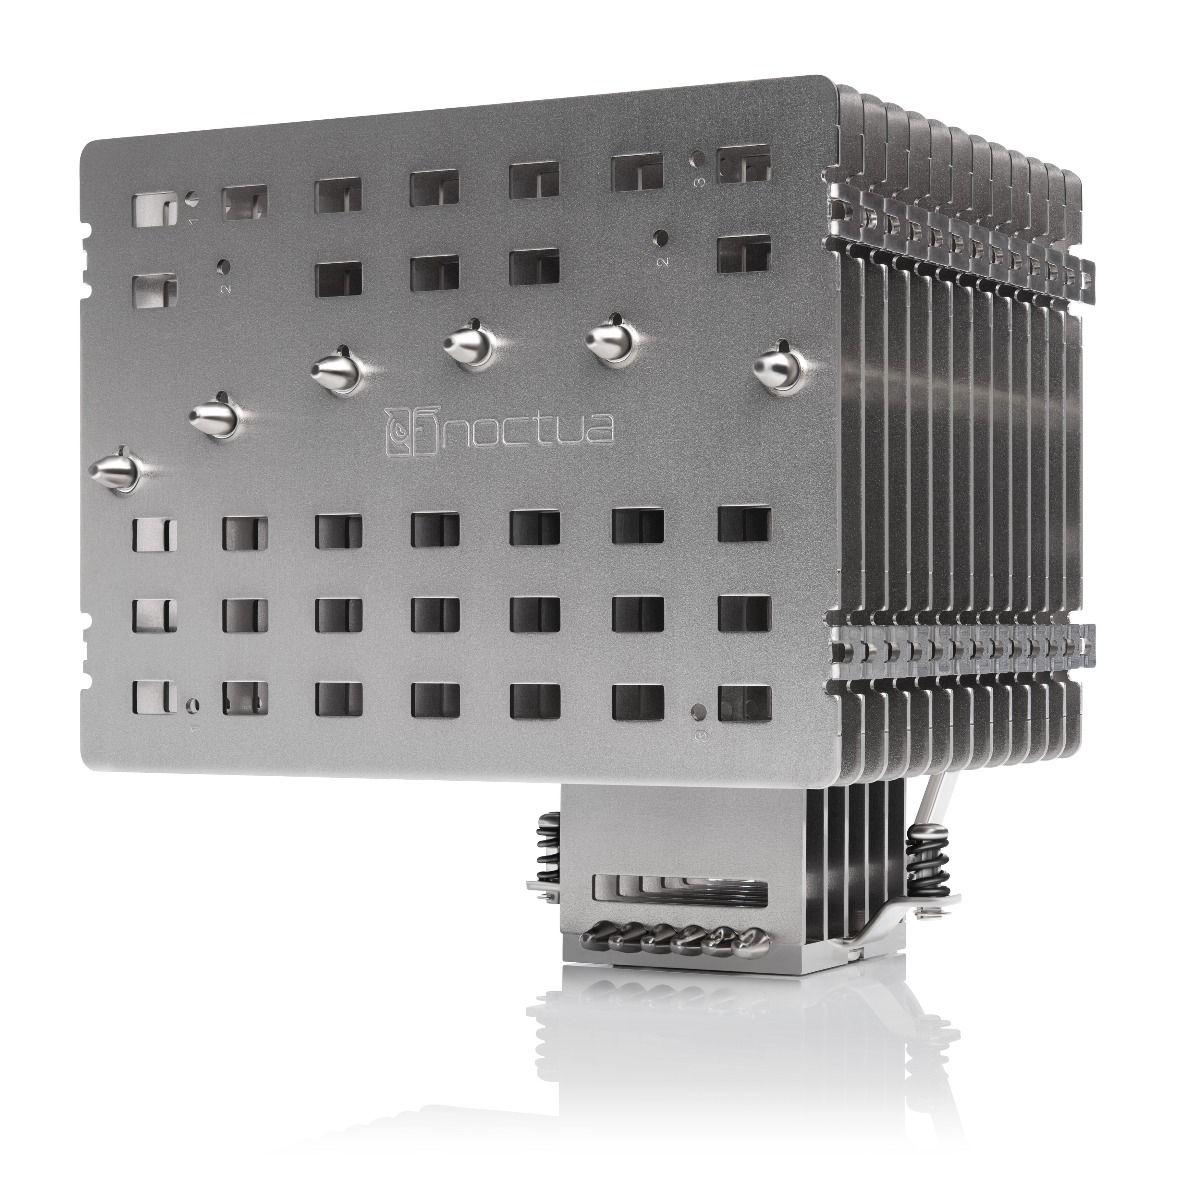 noctua-nh-p1-passive-fanless-design-cpu-cooler-_1